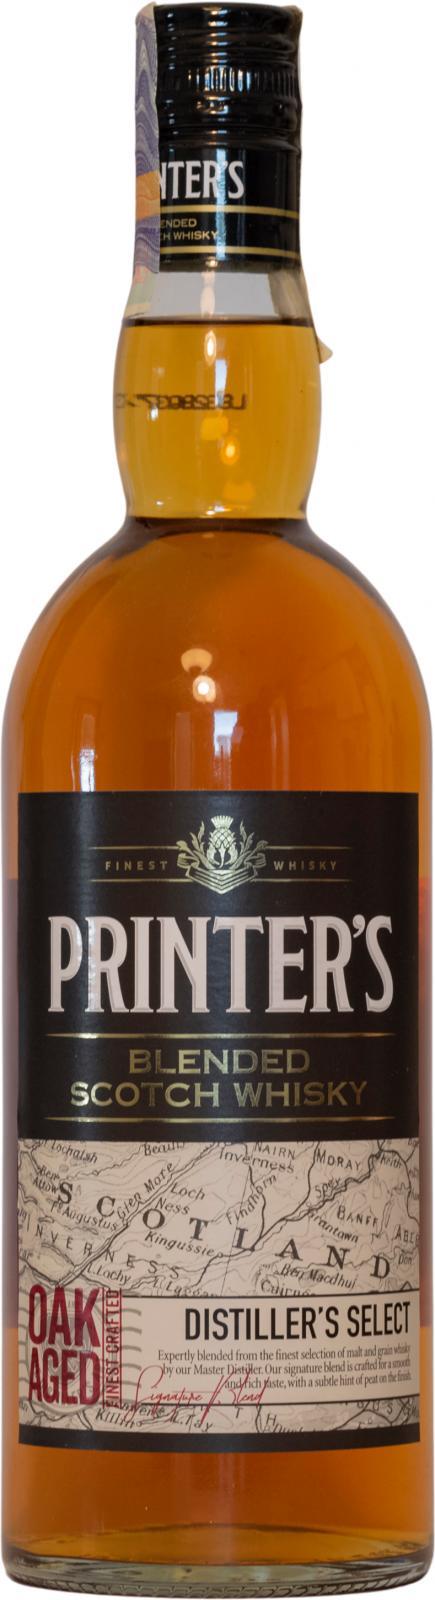 Printer's Distiller's Select